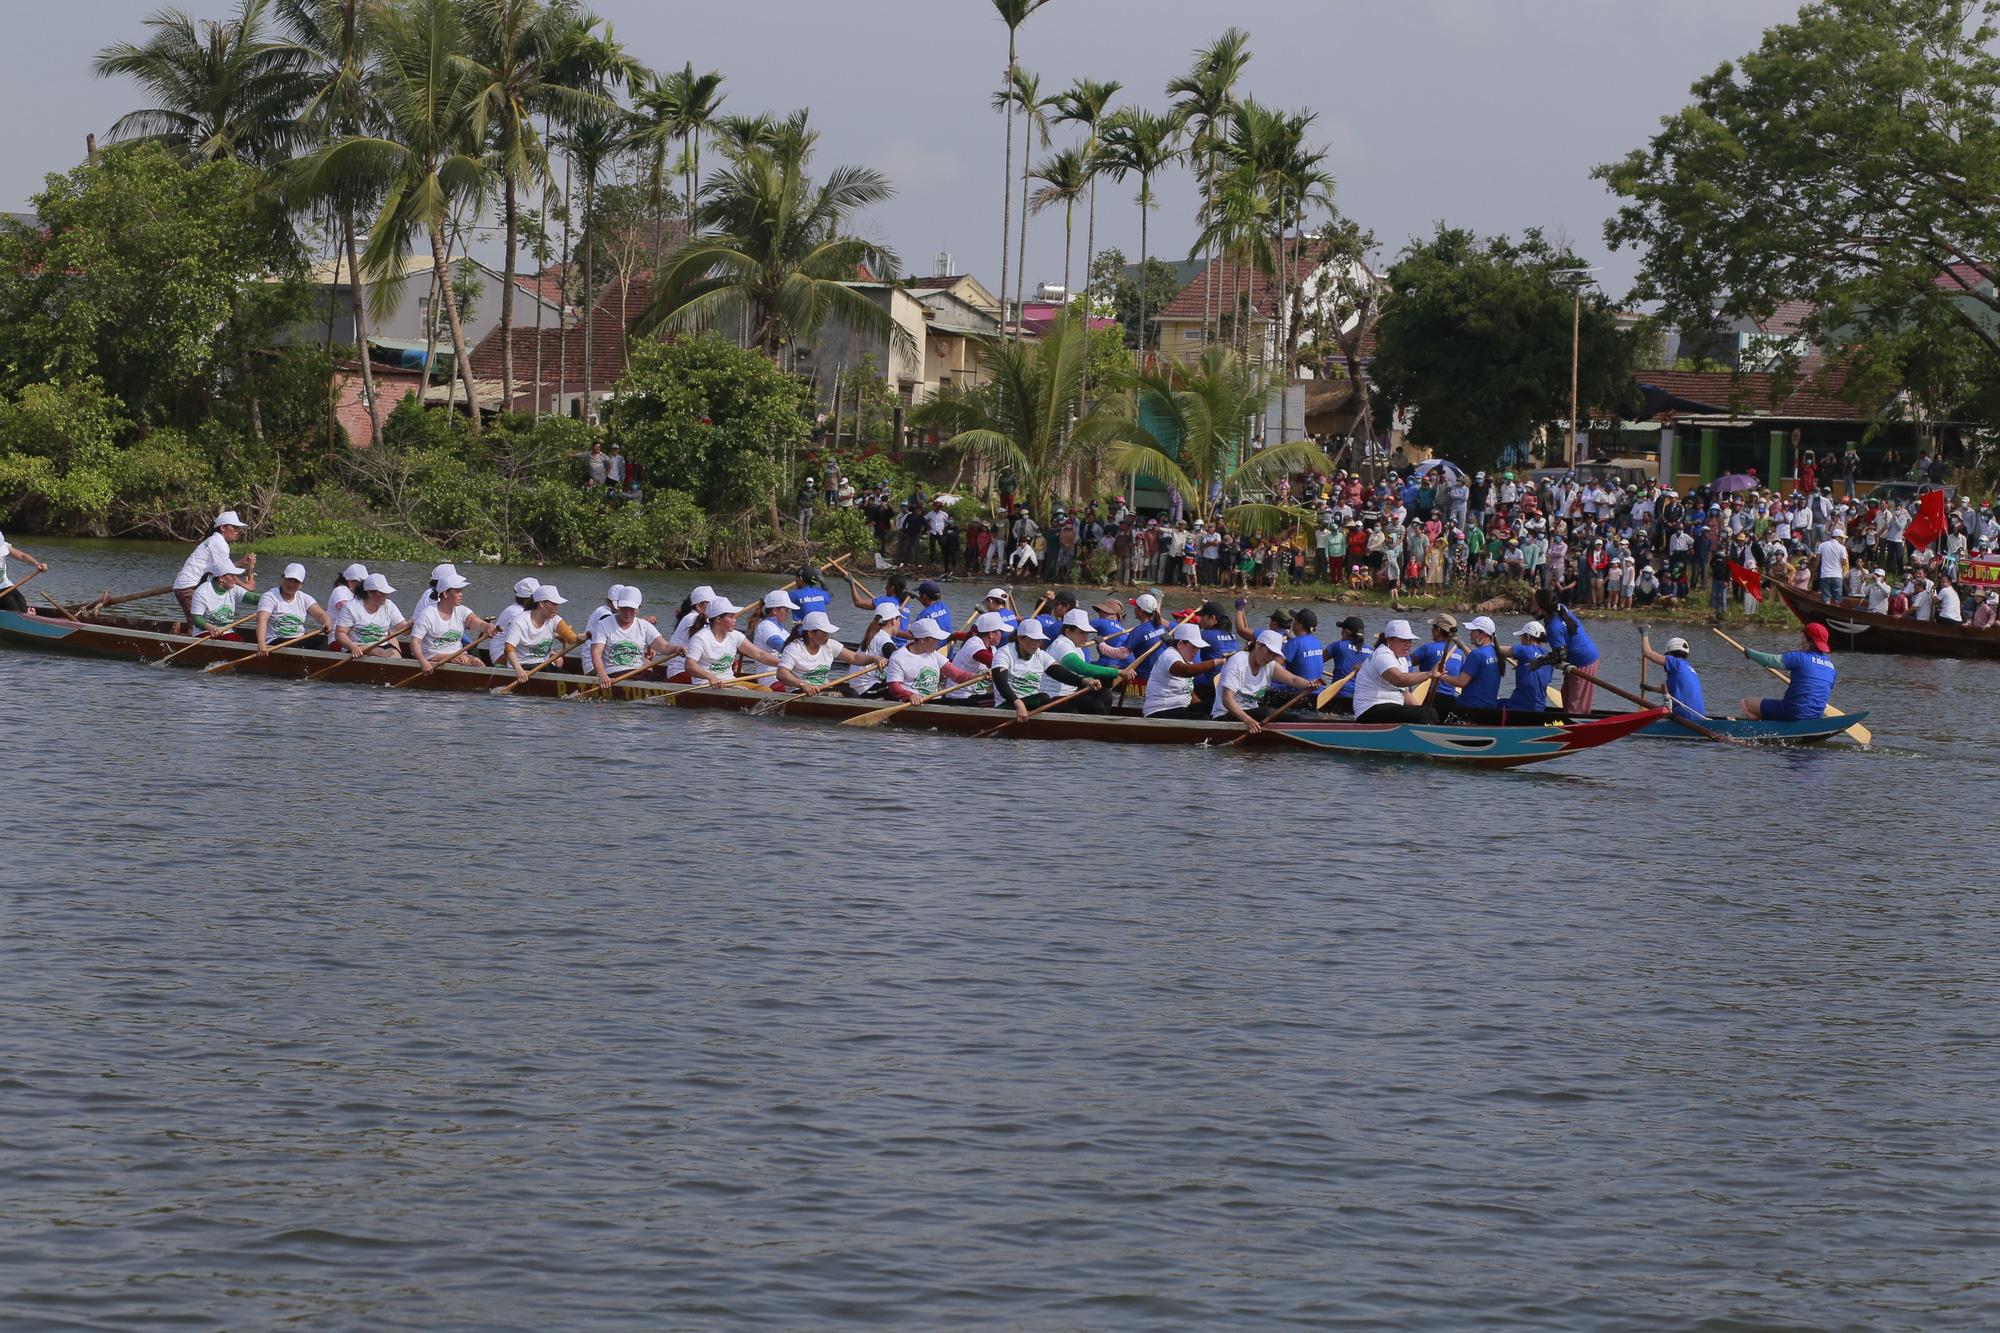 Quảng Nam: Trèo cây, leo nóc nhà để xem đua thuyền ở Tam Kỳ - Ảnh 5.